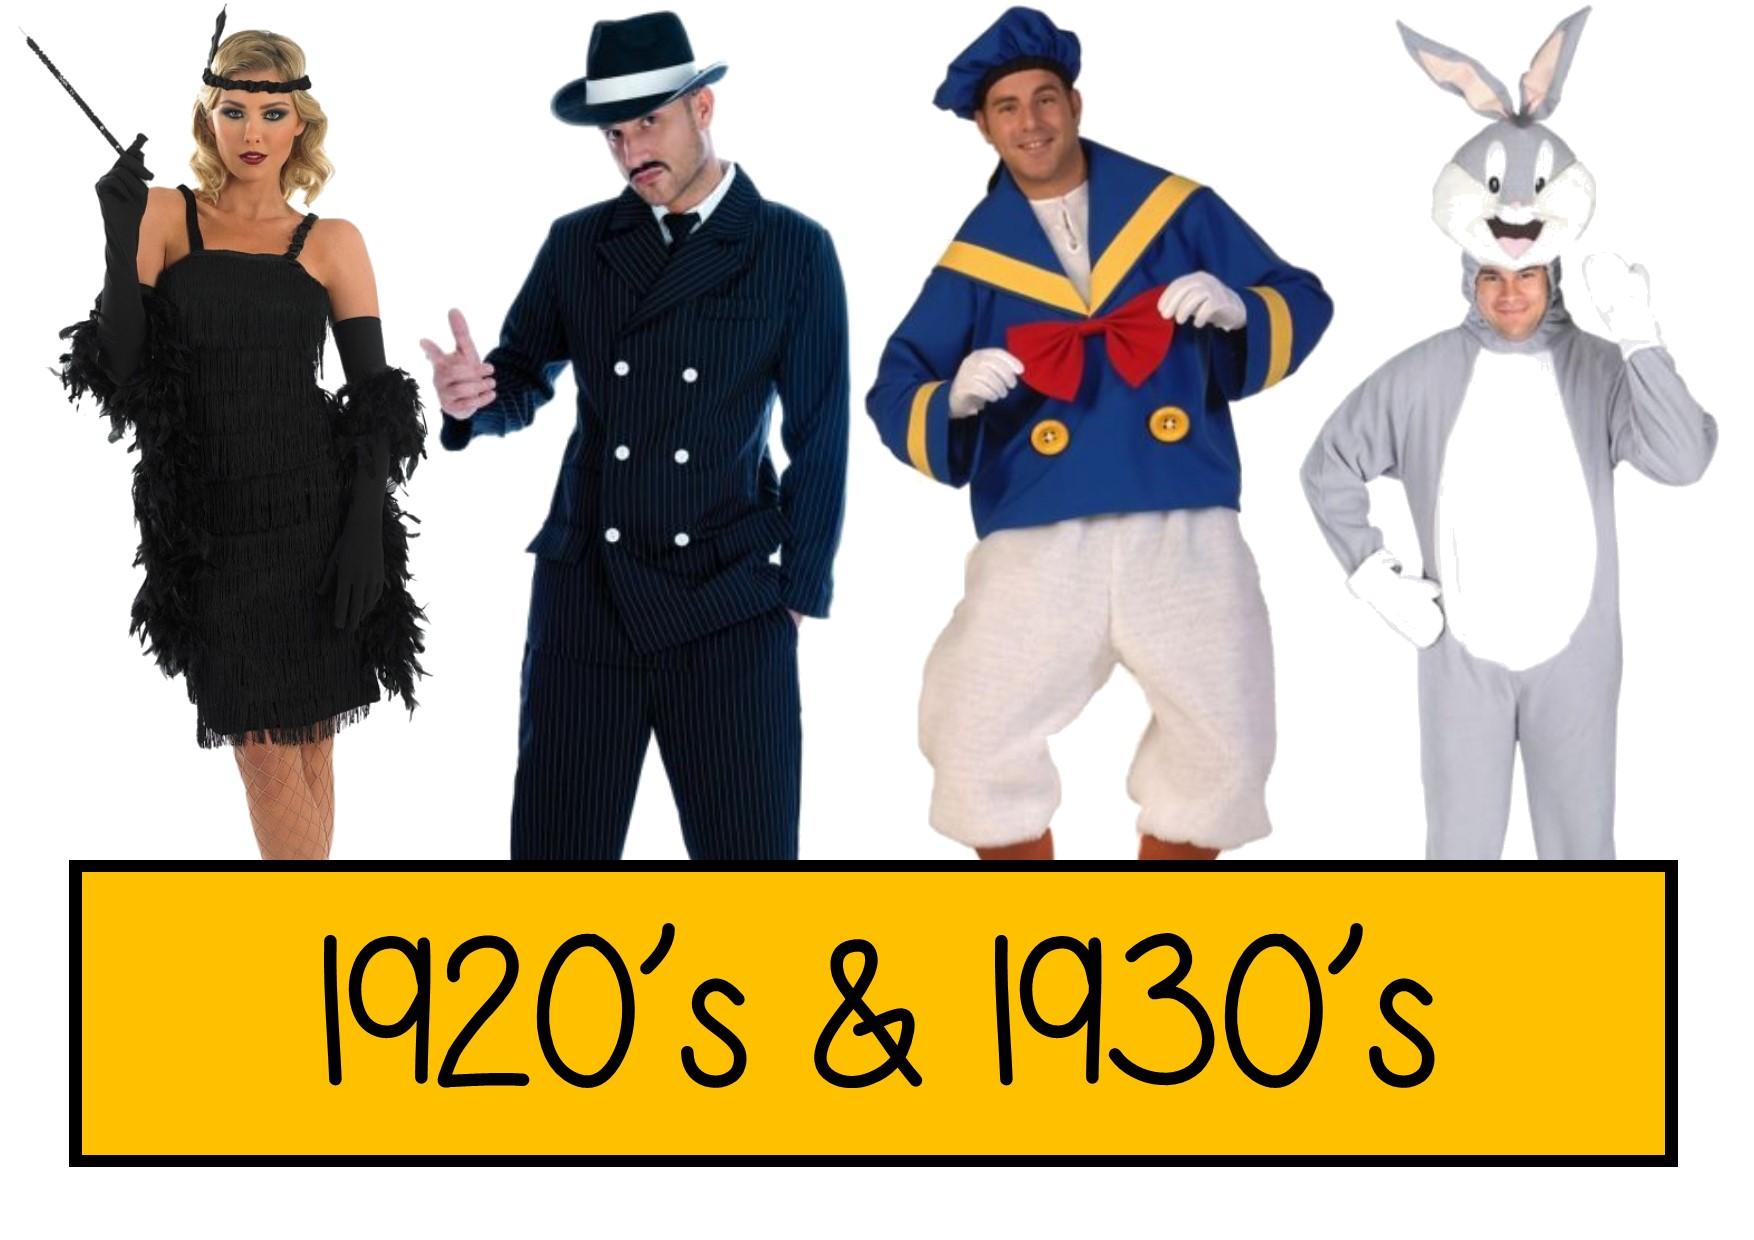 1920s fancy dress ideas